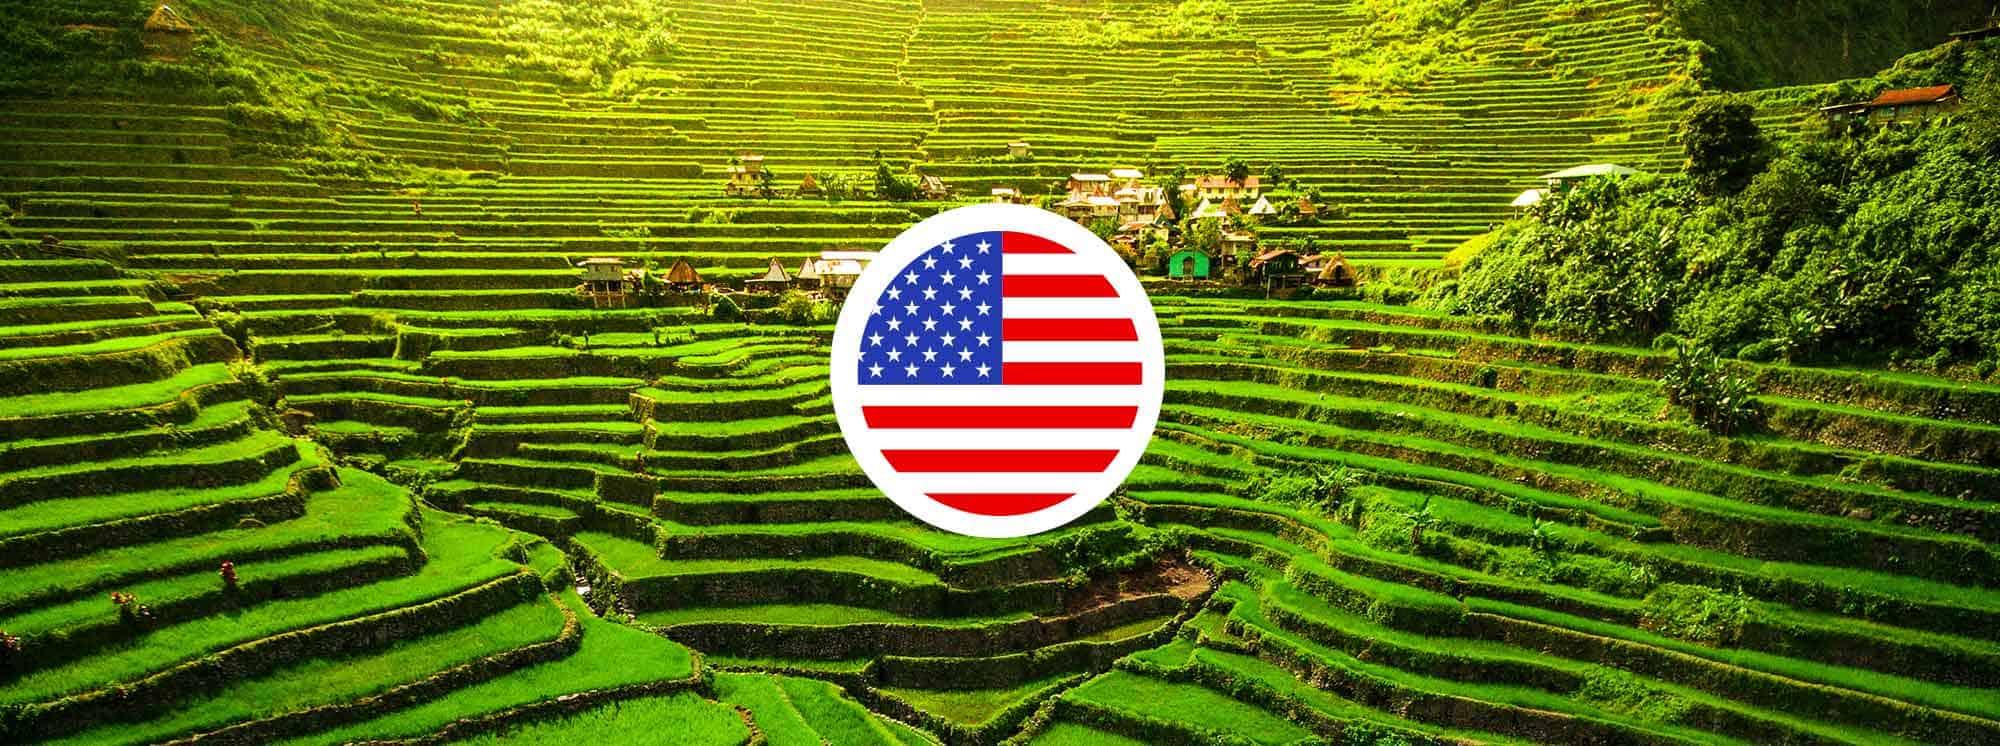 Top American Schools in Philippines